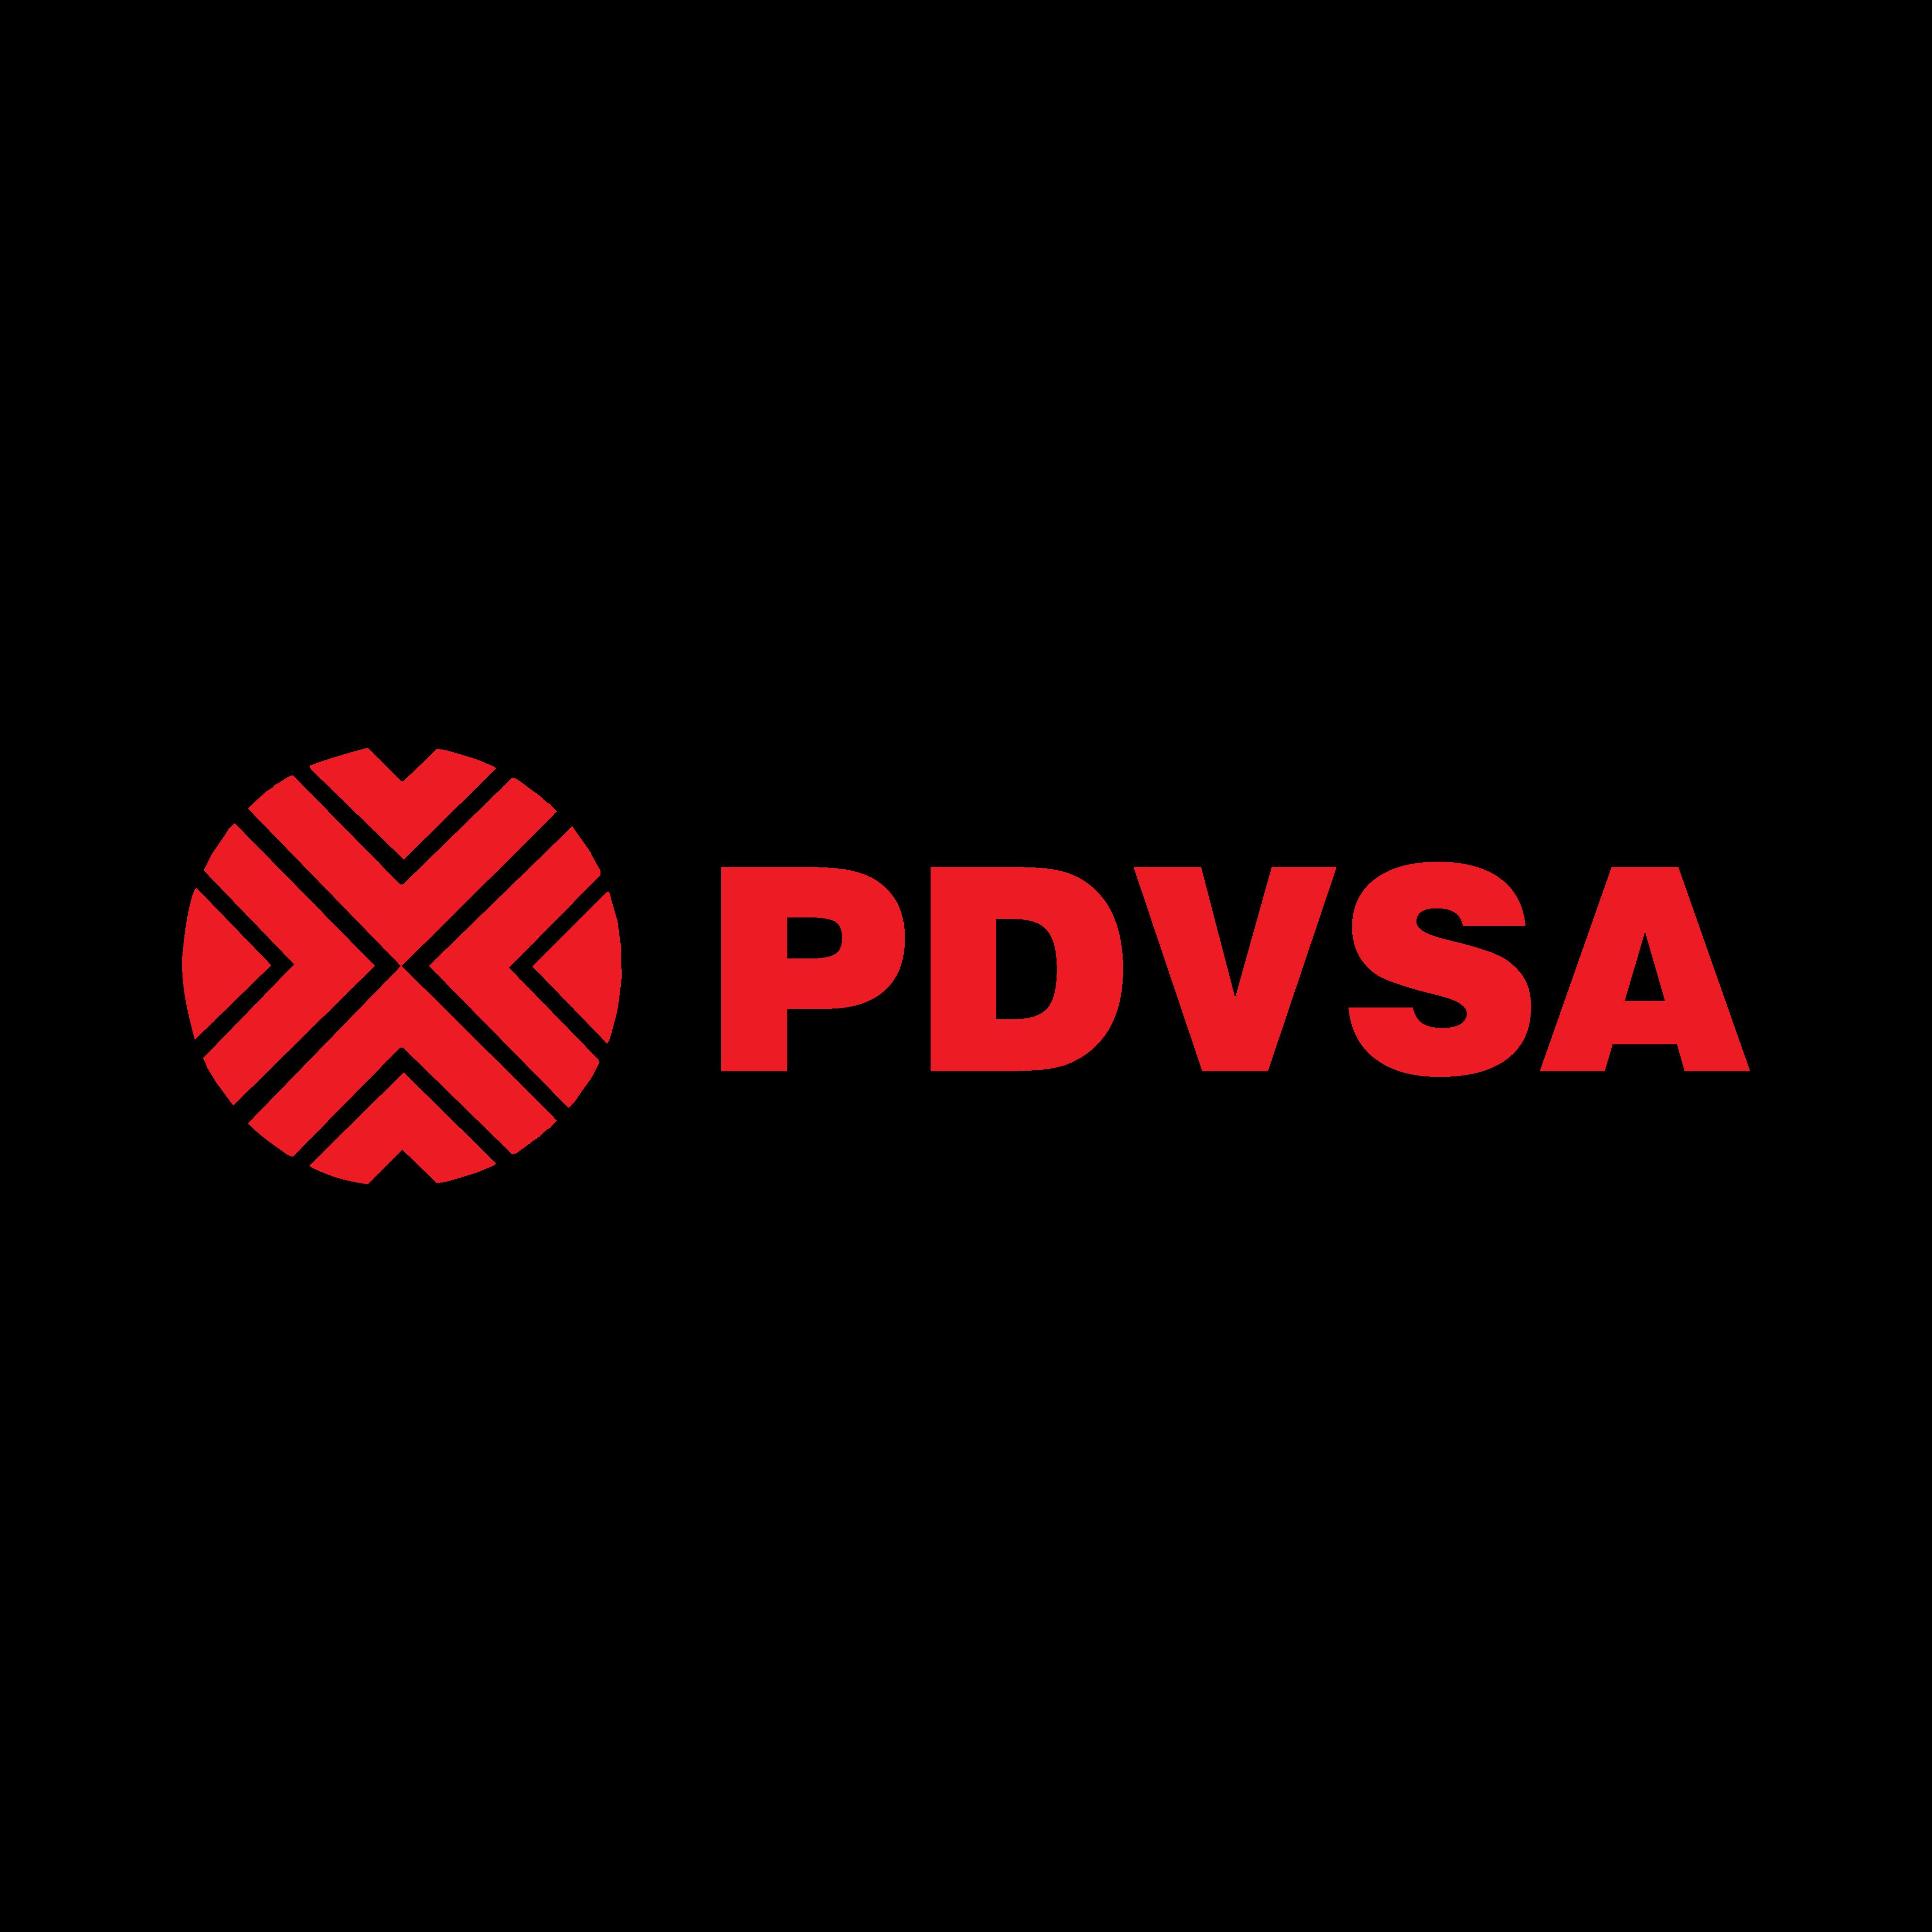 pdvsa logo 0 - PDVSA Logo